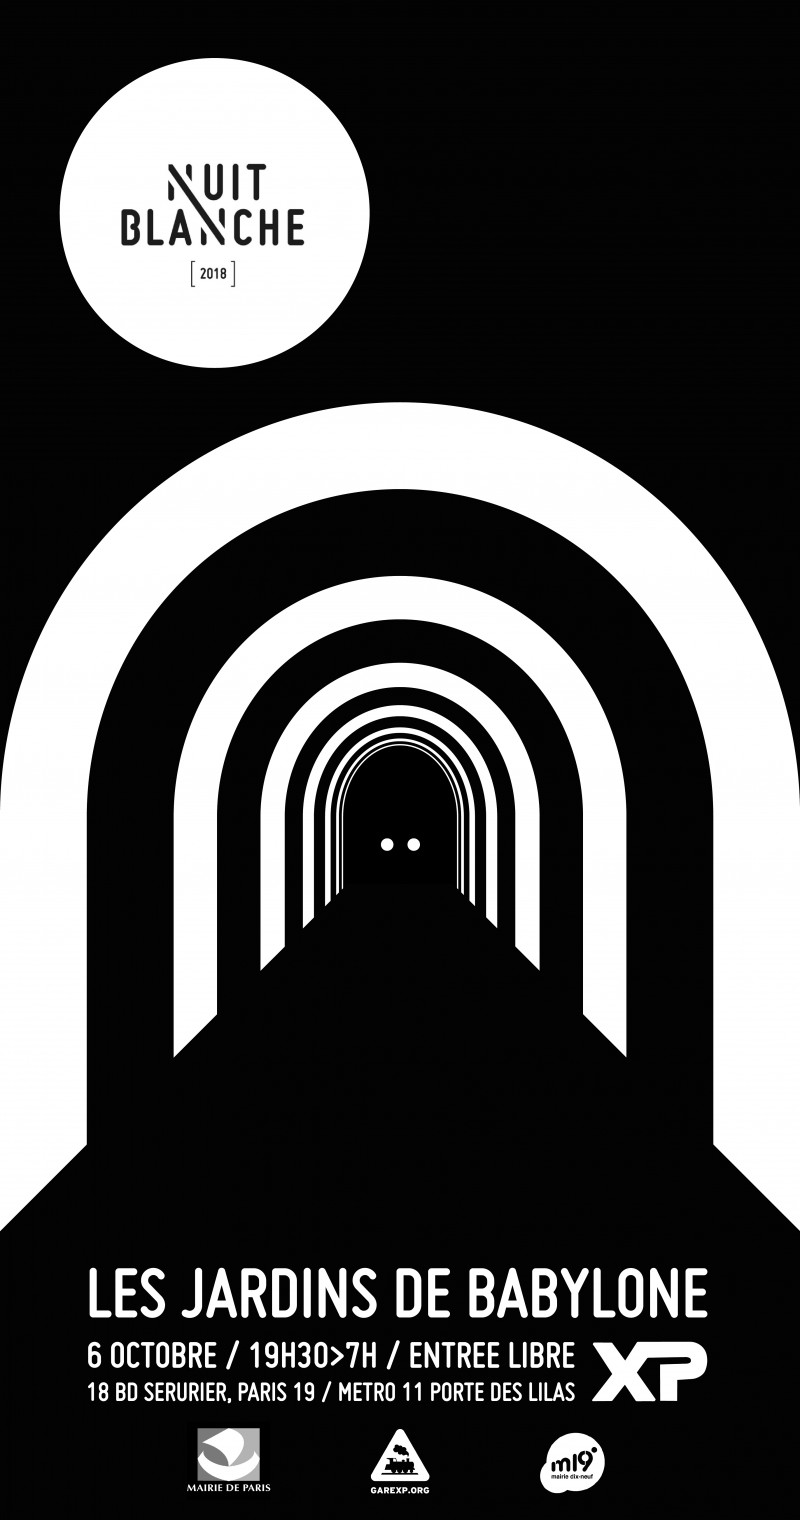 affiche-nuit-blanche-2018-gare-xp-ea07601b59e2aaec70df31ac0f513f0b